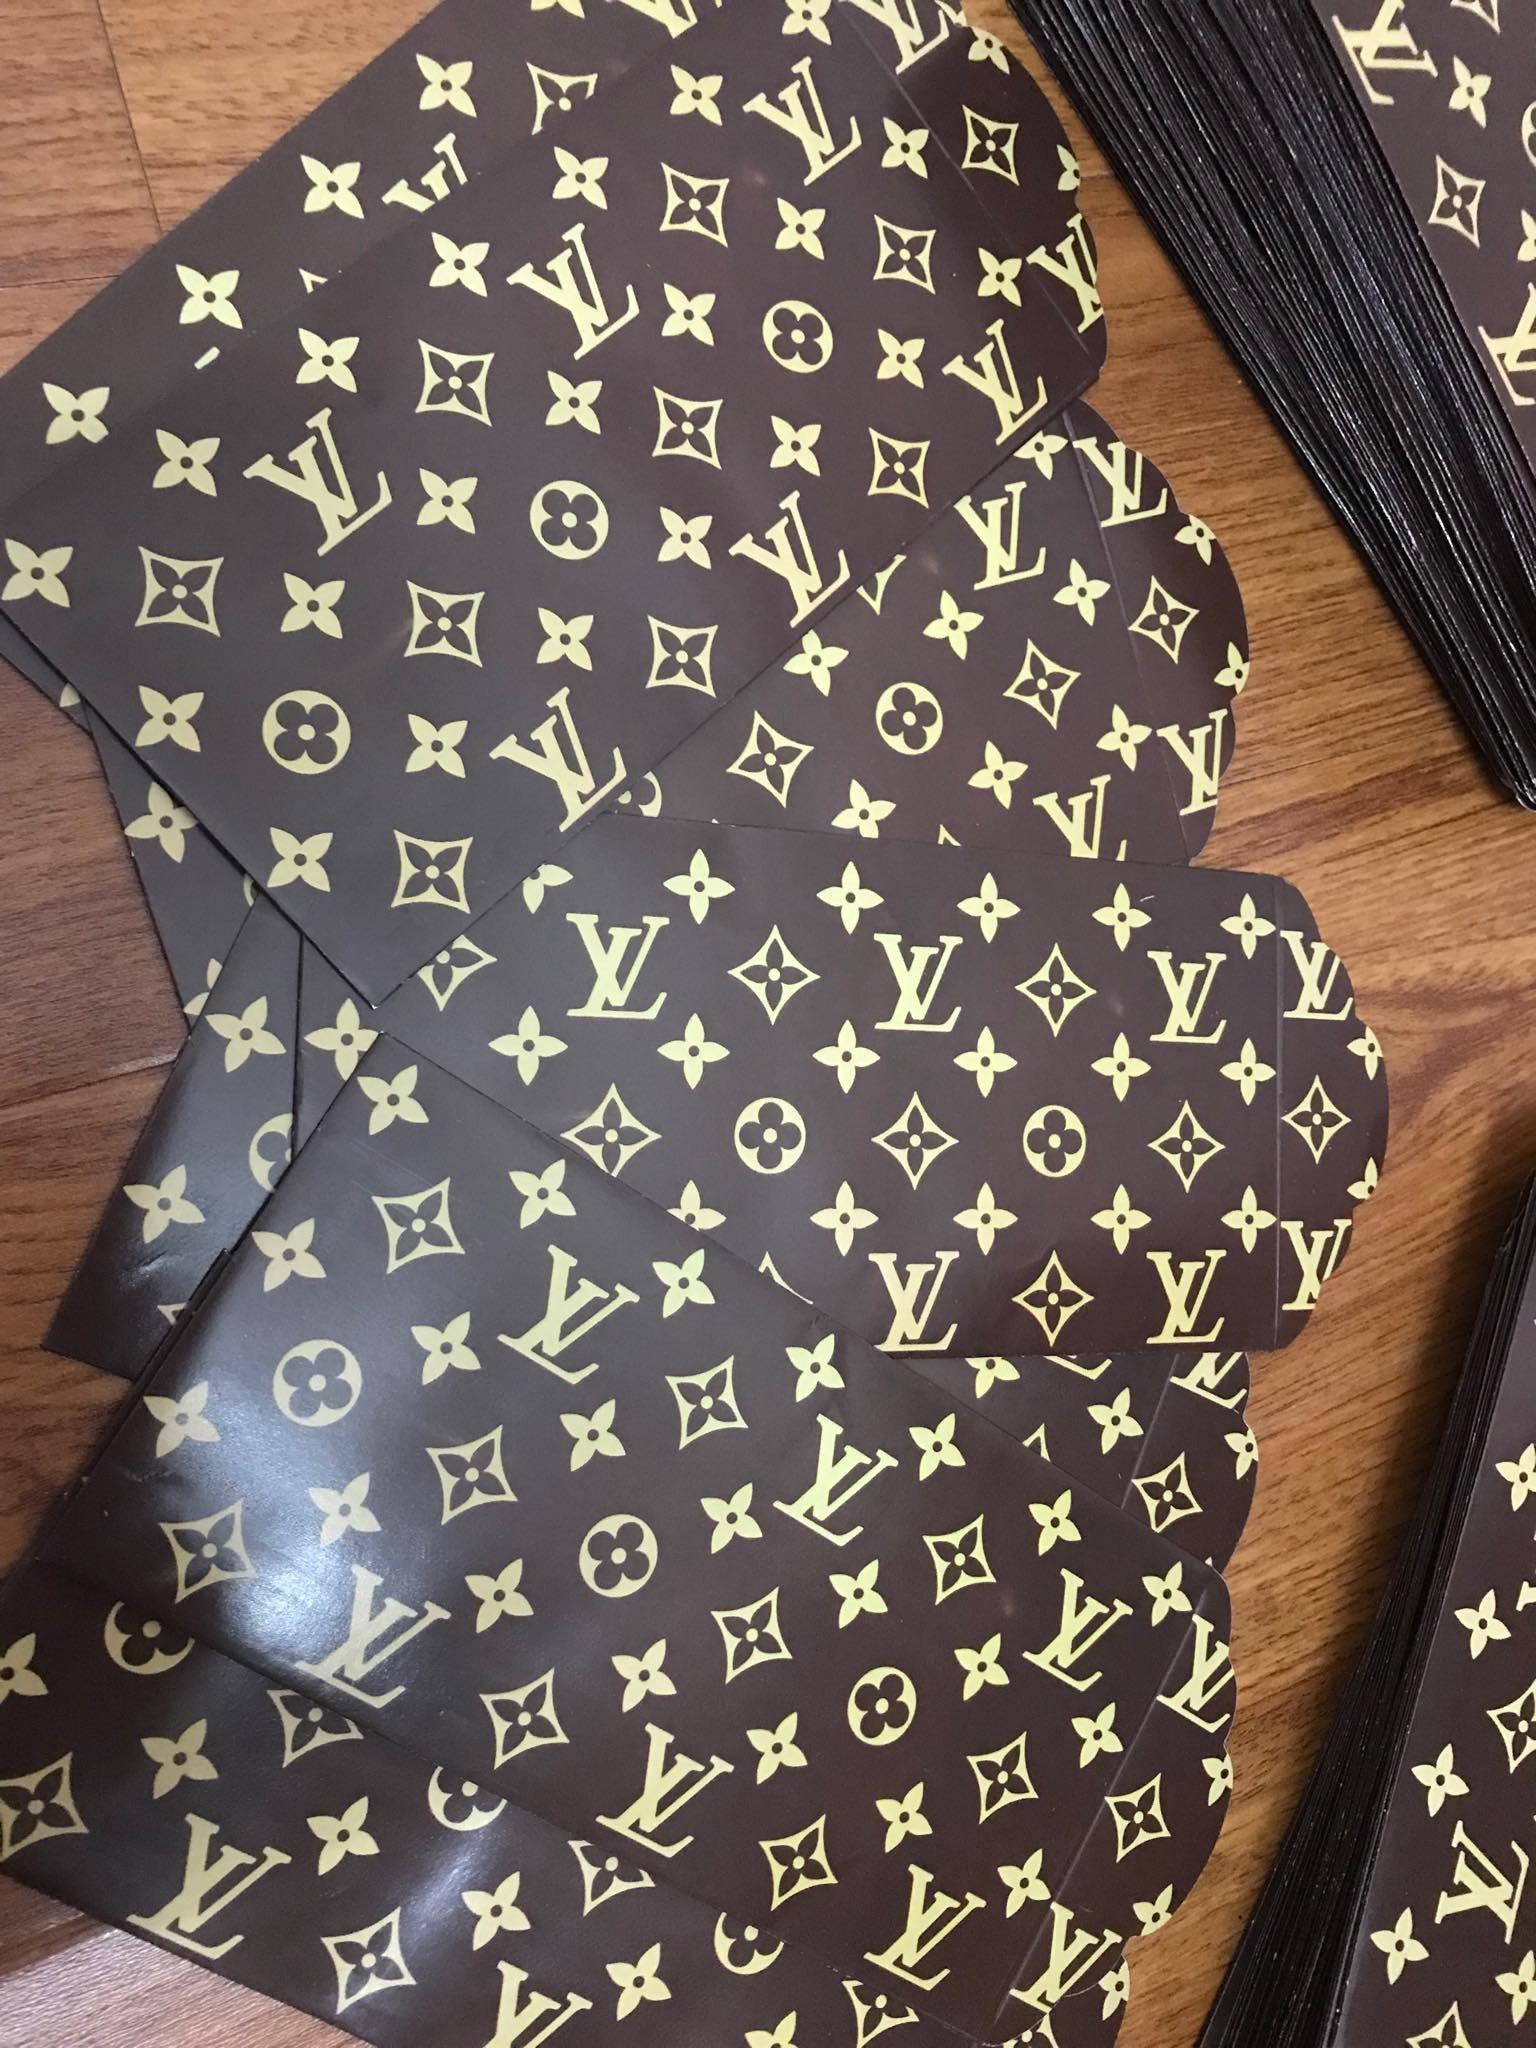 Lì xì sang chảnh in chữ ánh vàng theo thương hiệu nổi tiếng siêu hút khách - Ảnh 7.